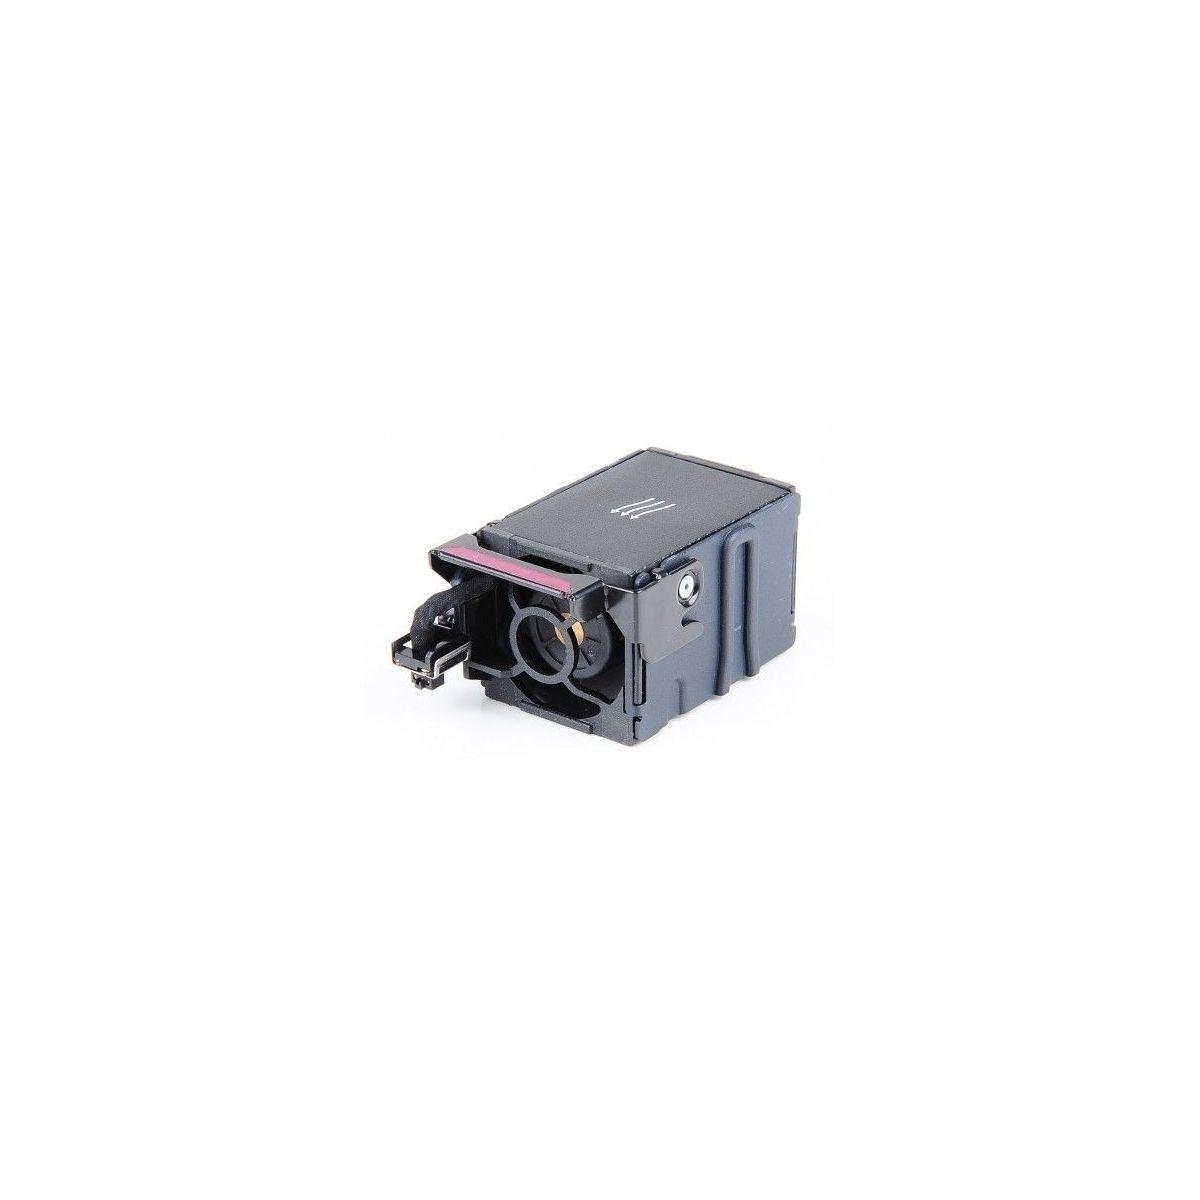 Hot-Plug Chassis Fan - ProLiant DL360e - DL360p Gen8 - 667882-001 - 1 - Ventilator (Fan)  - 166,60 lei